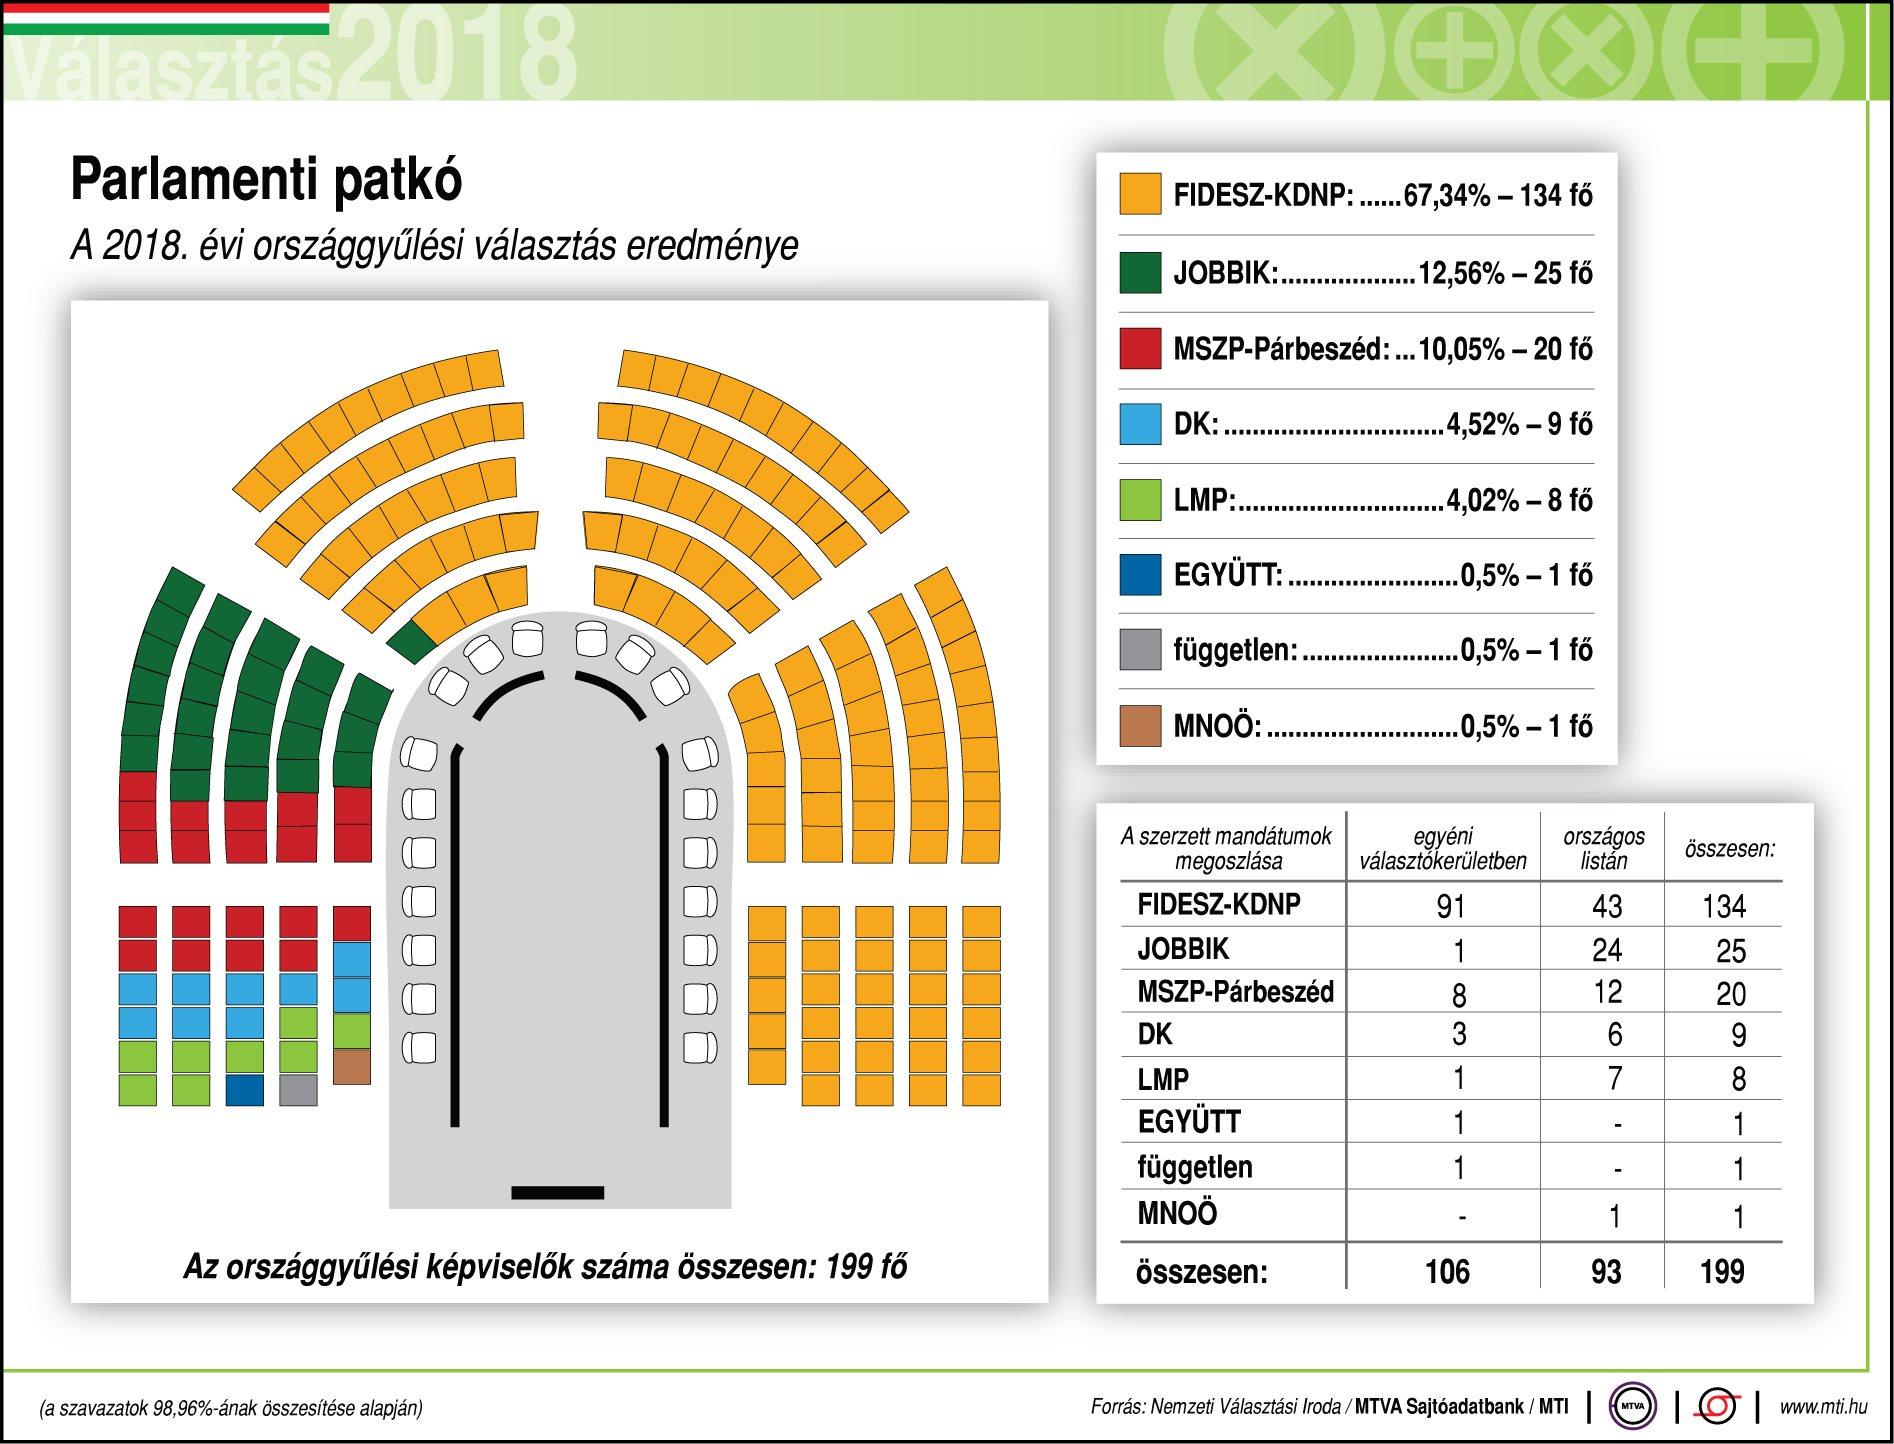 A parlamenti patkó a 2008 április 8-i választás után